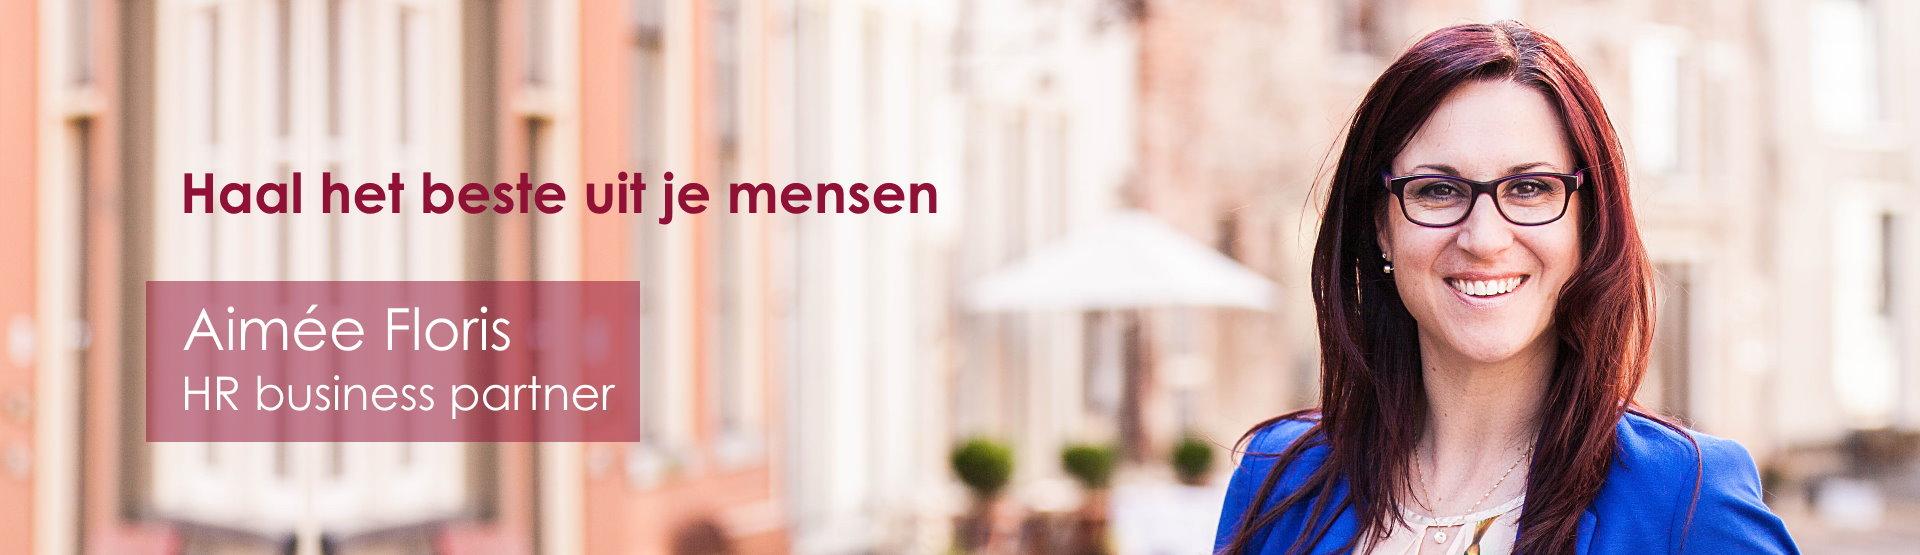 Aimée Floris HR buisiness partner - Haal het beste uit je mensen